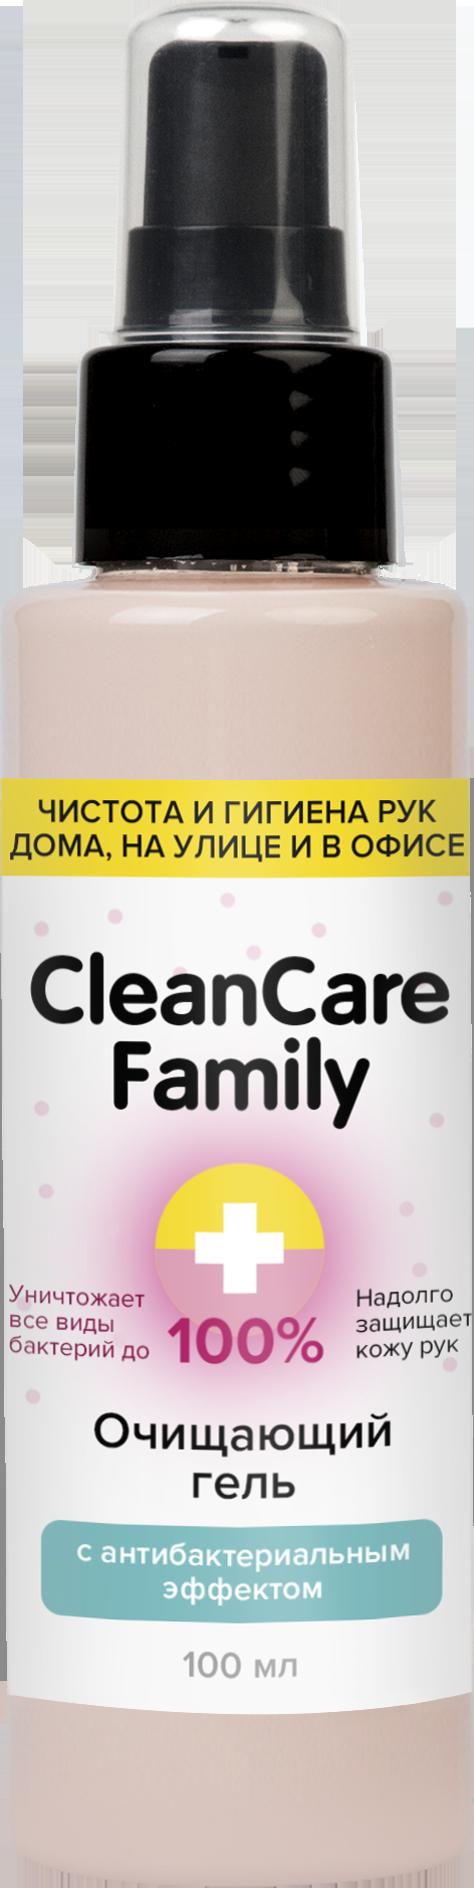 Купить GLORIA Гель очищающий с антибактериальным эффектом 100 мл